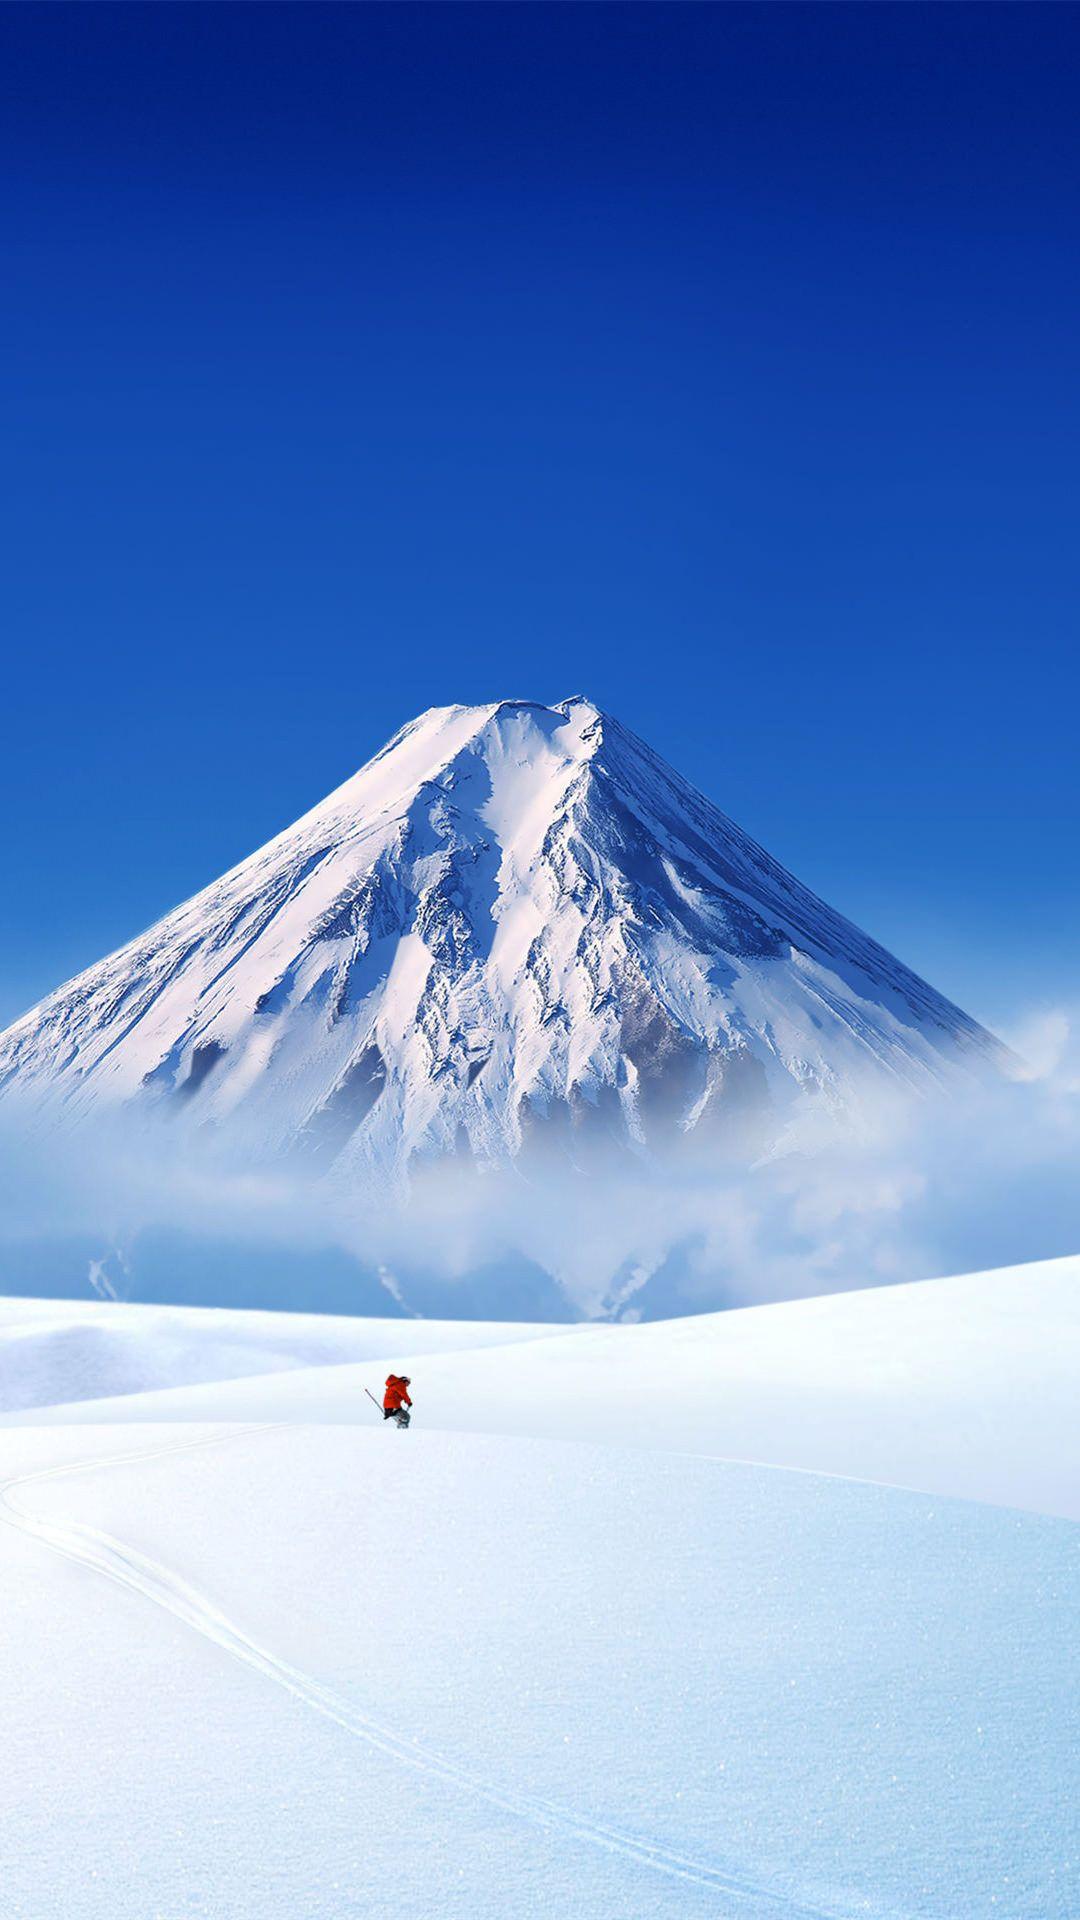 雪山とゲレンデ Iphone6 Plus壁紙 風景の壁紙 雪山 美しい風景写真